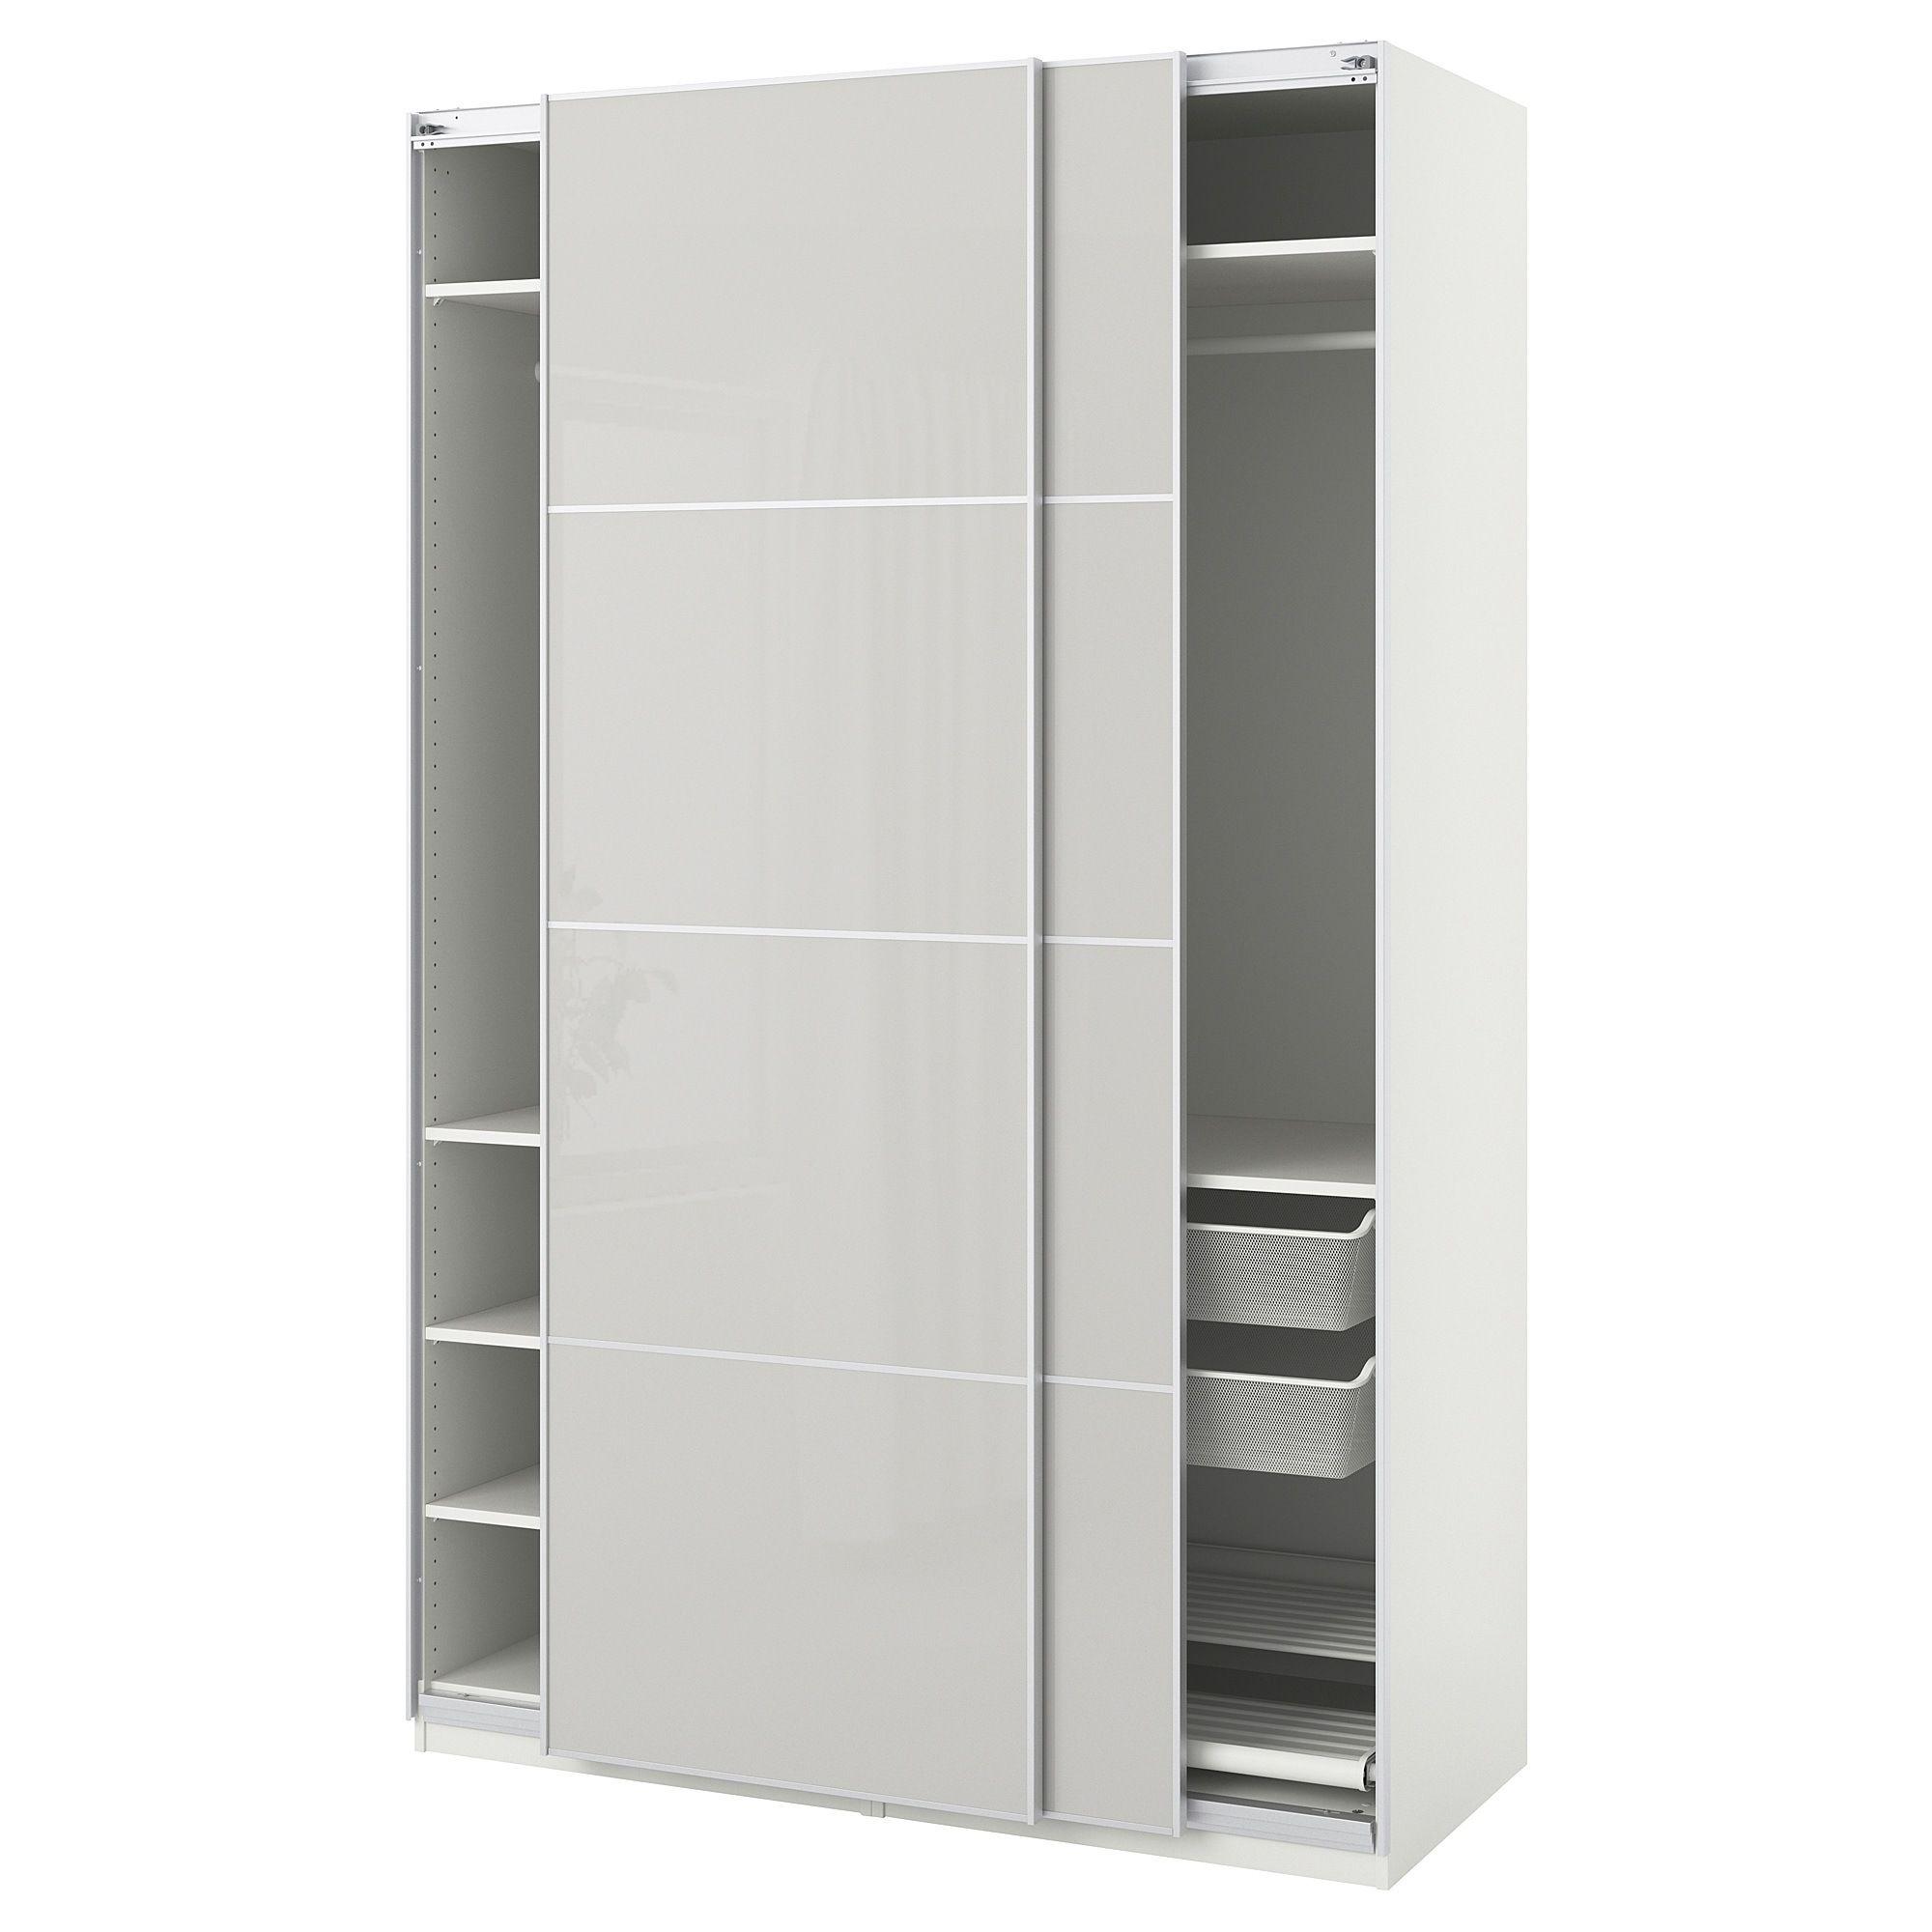 PAX Wardrobe white Hokksund, high gloss light gray